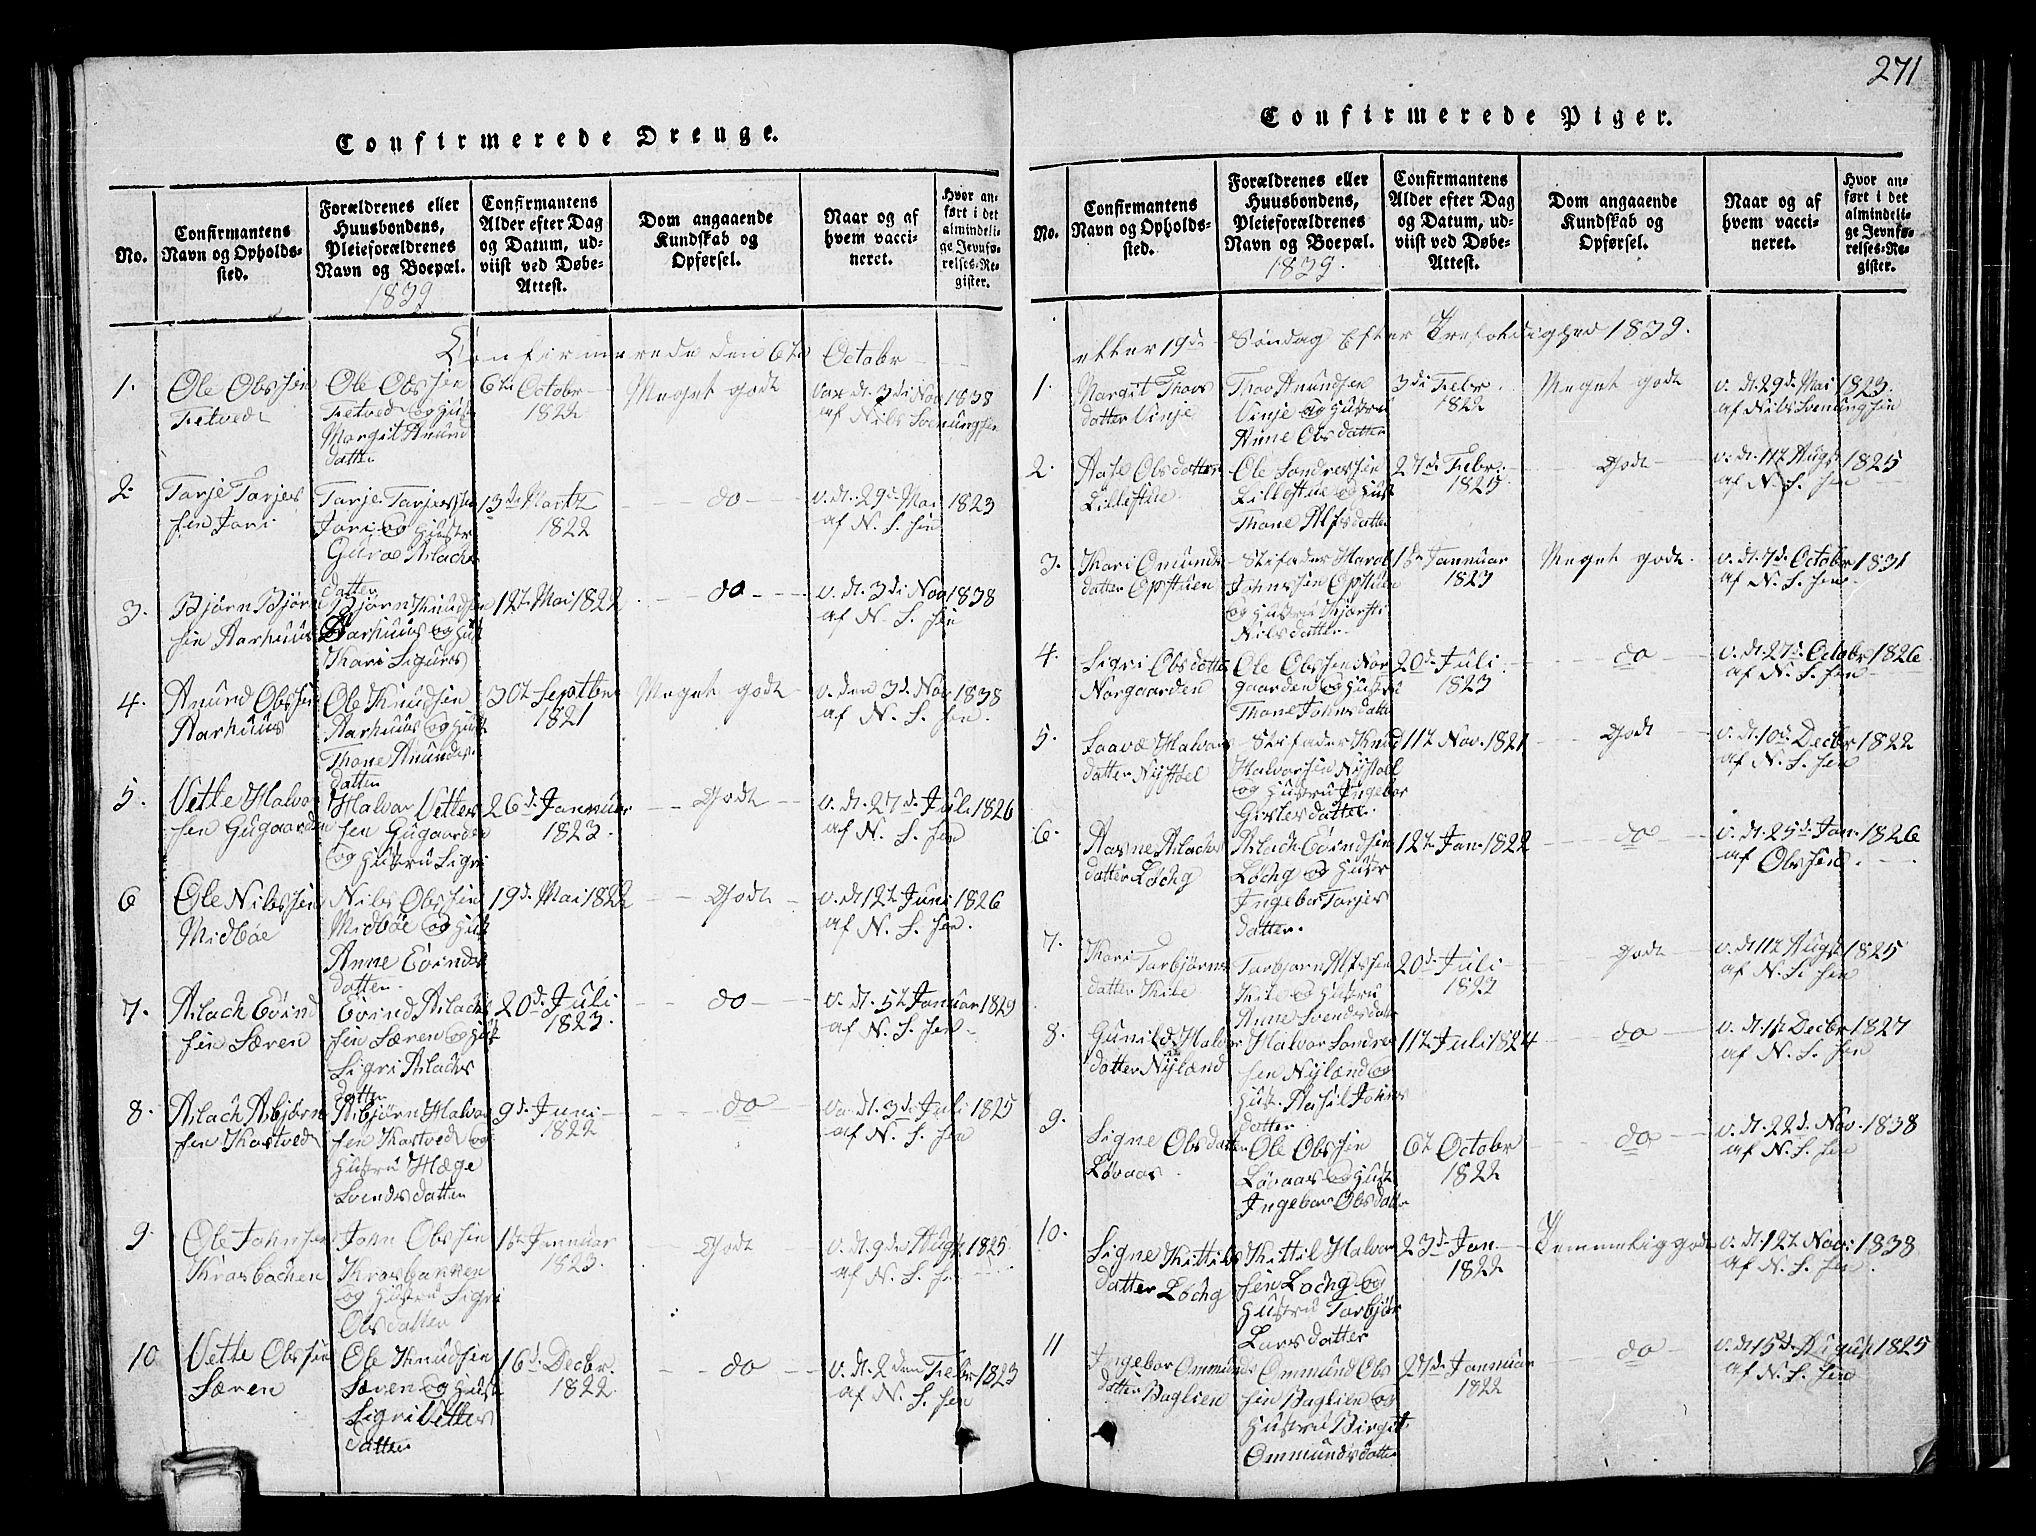 SAKO, Vinje kirkebøker, G/Ga/L0001: Klokkerbok nr. I 1, 1814-1843, s. 271